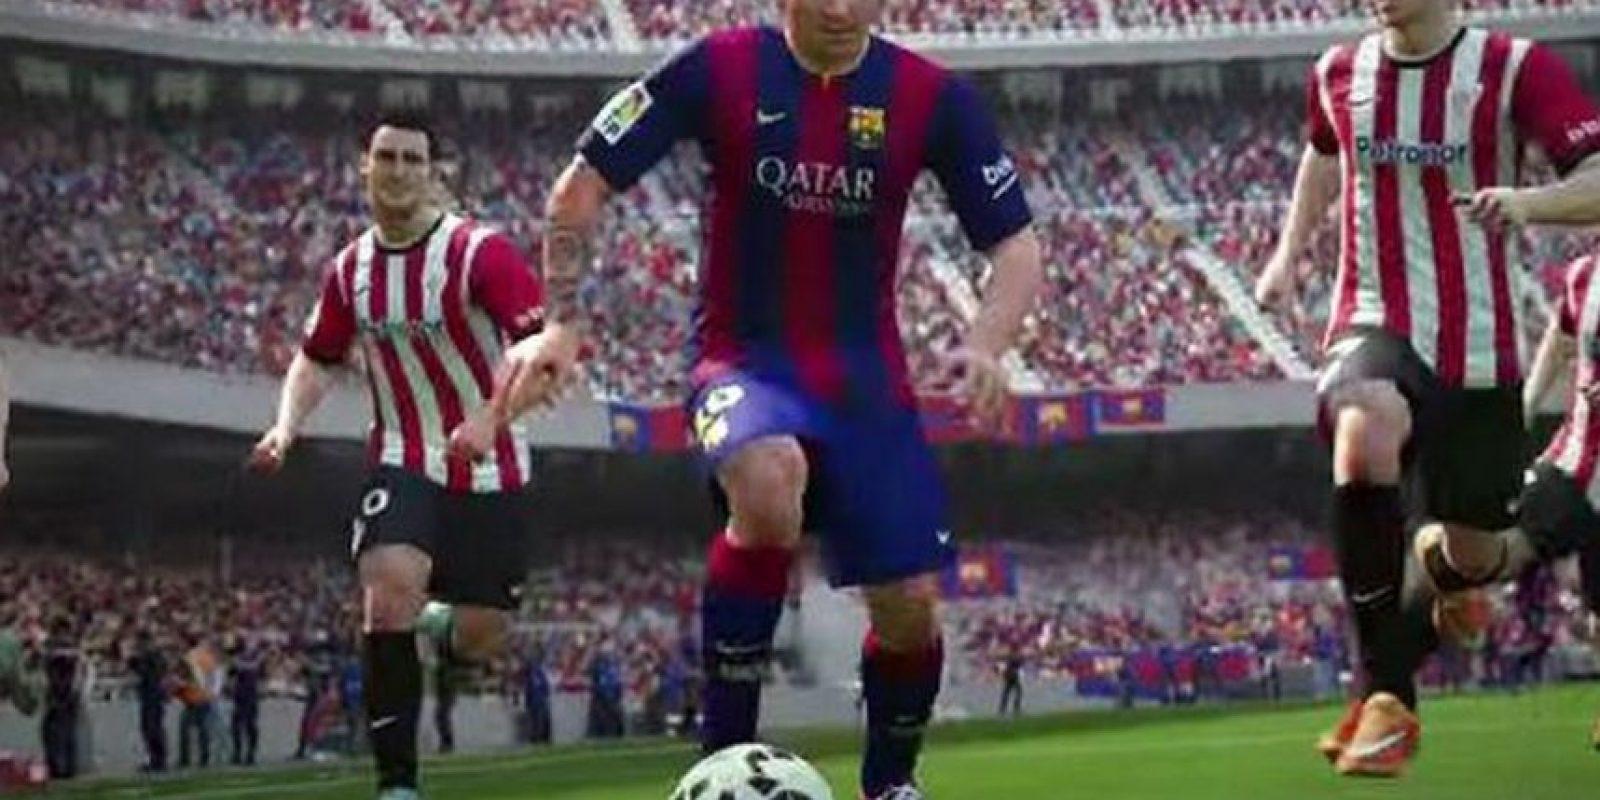 En total hay 25 cambios de movilidad y rastreo de jugadores habilidosos para poder cerrar espacios y cambiar rápidamente de dirección para no perder al rival. Foto:EA Sports